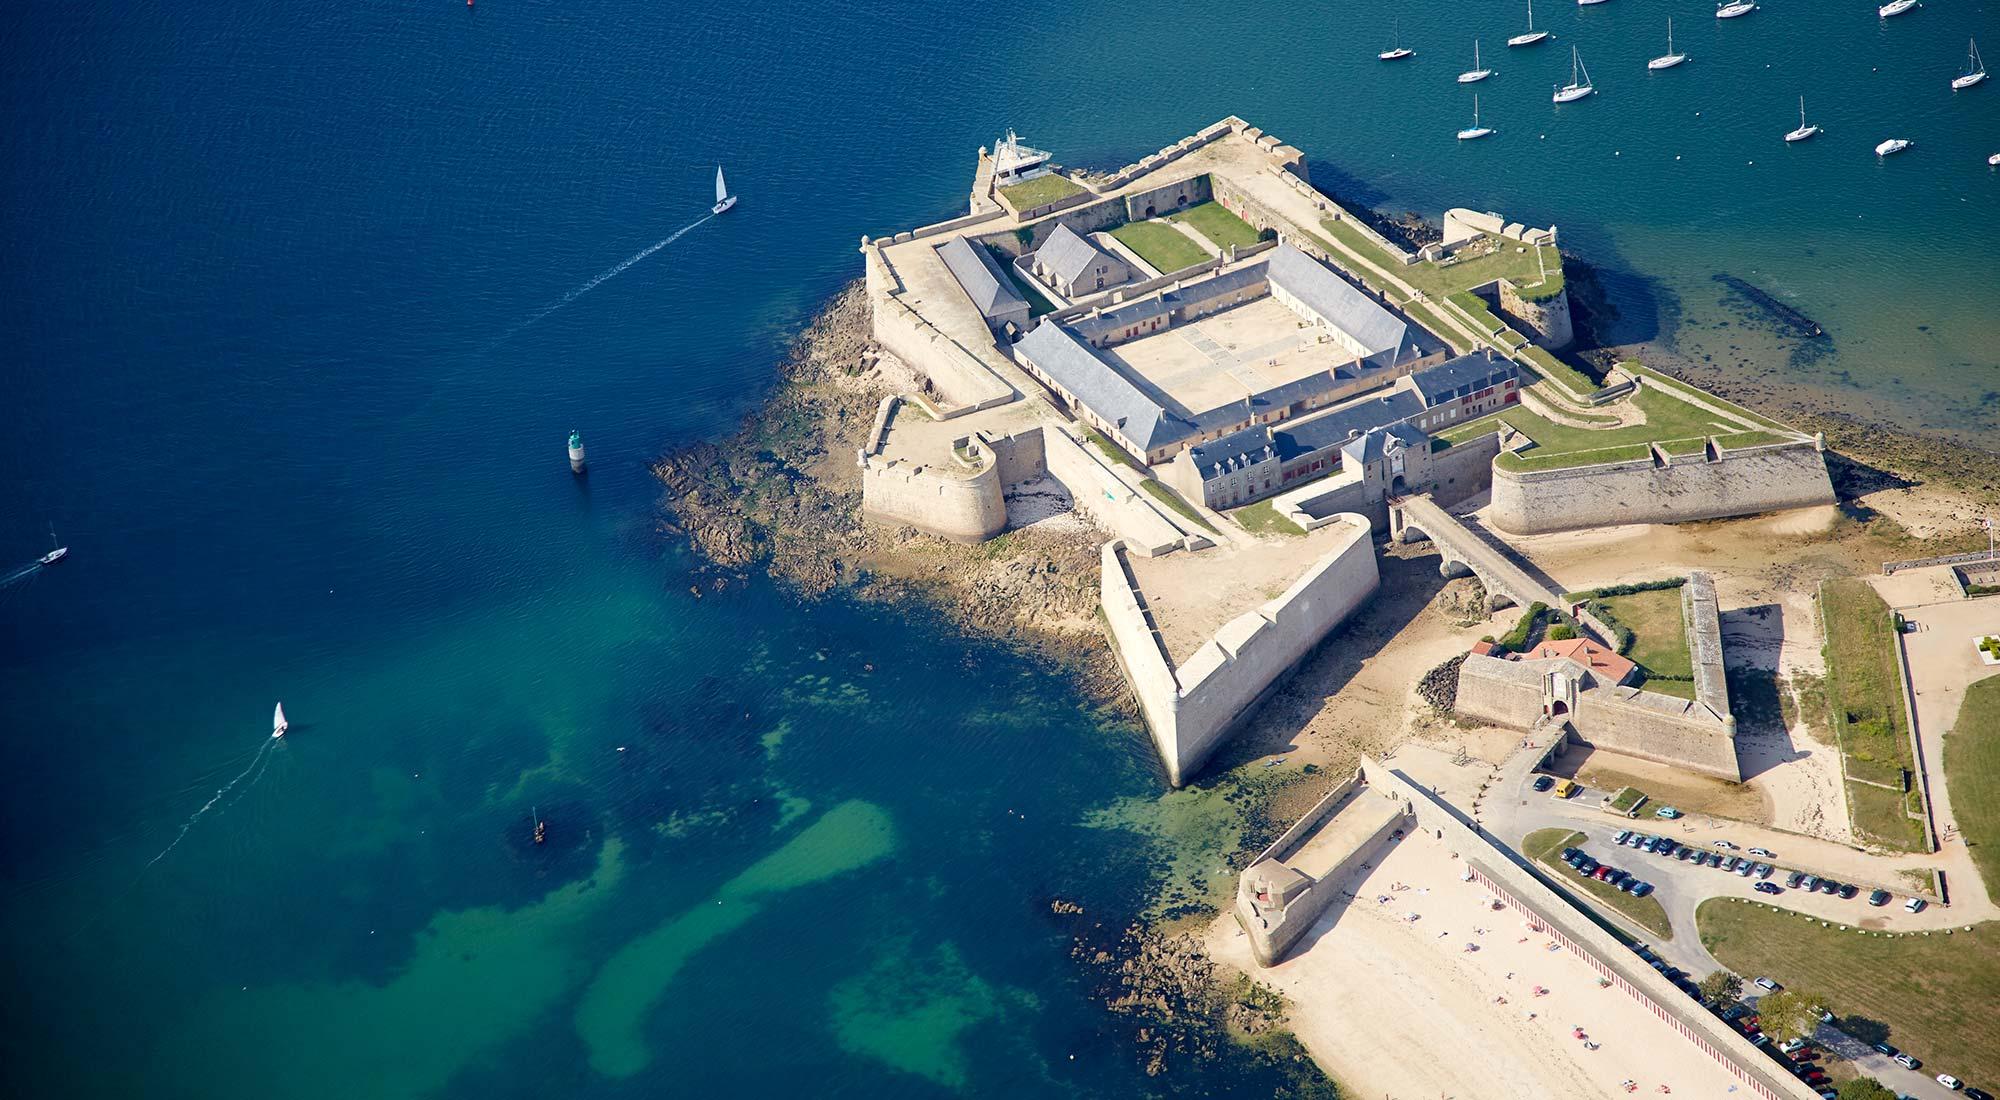 Entrée Gratuite au Musée National de la Marine & à la Citadelle de Port-Louis (56)